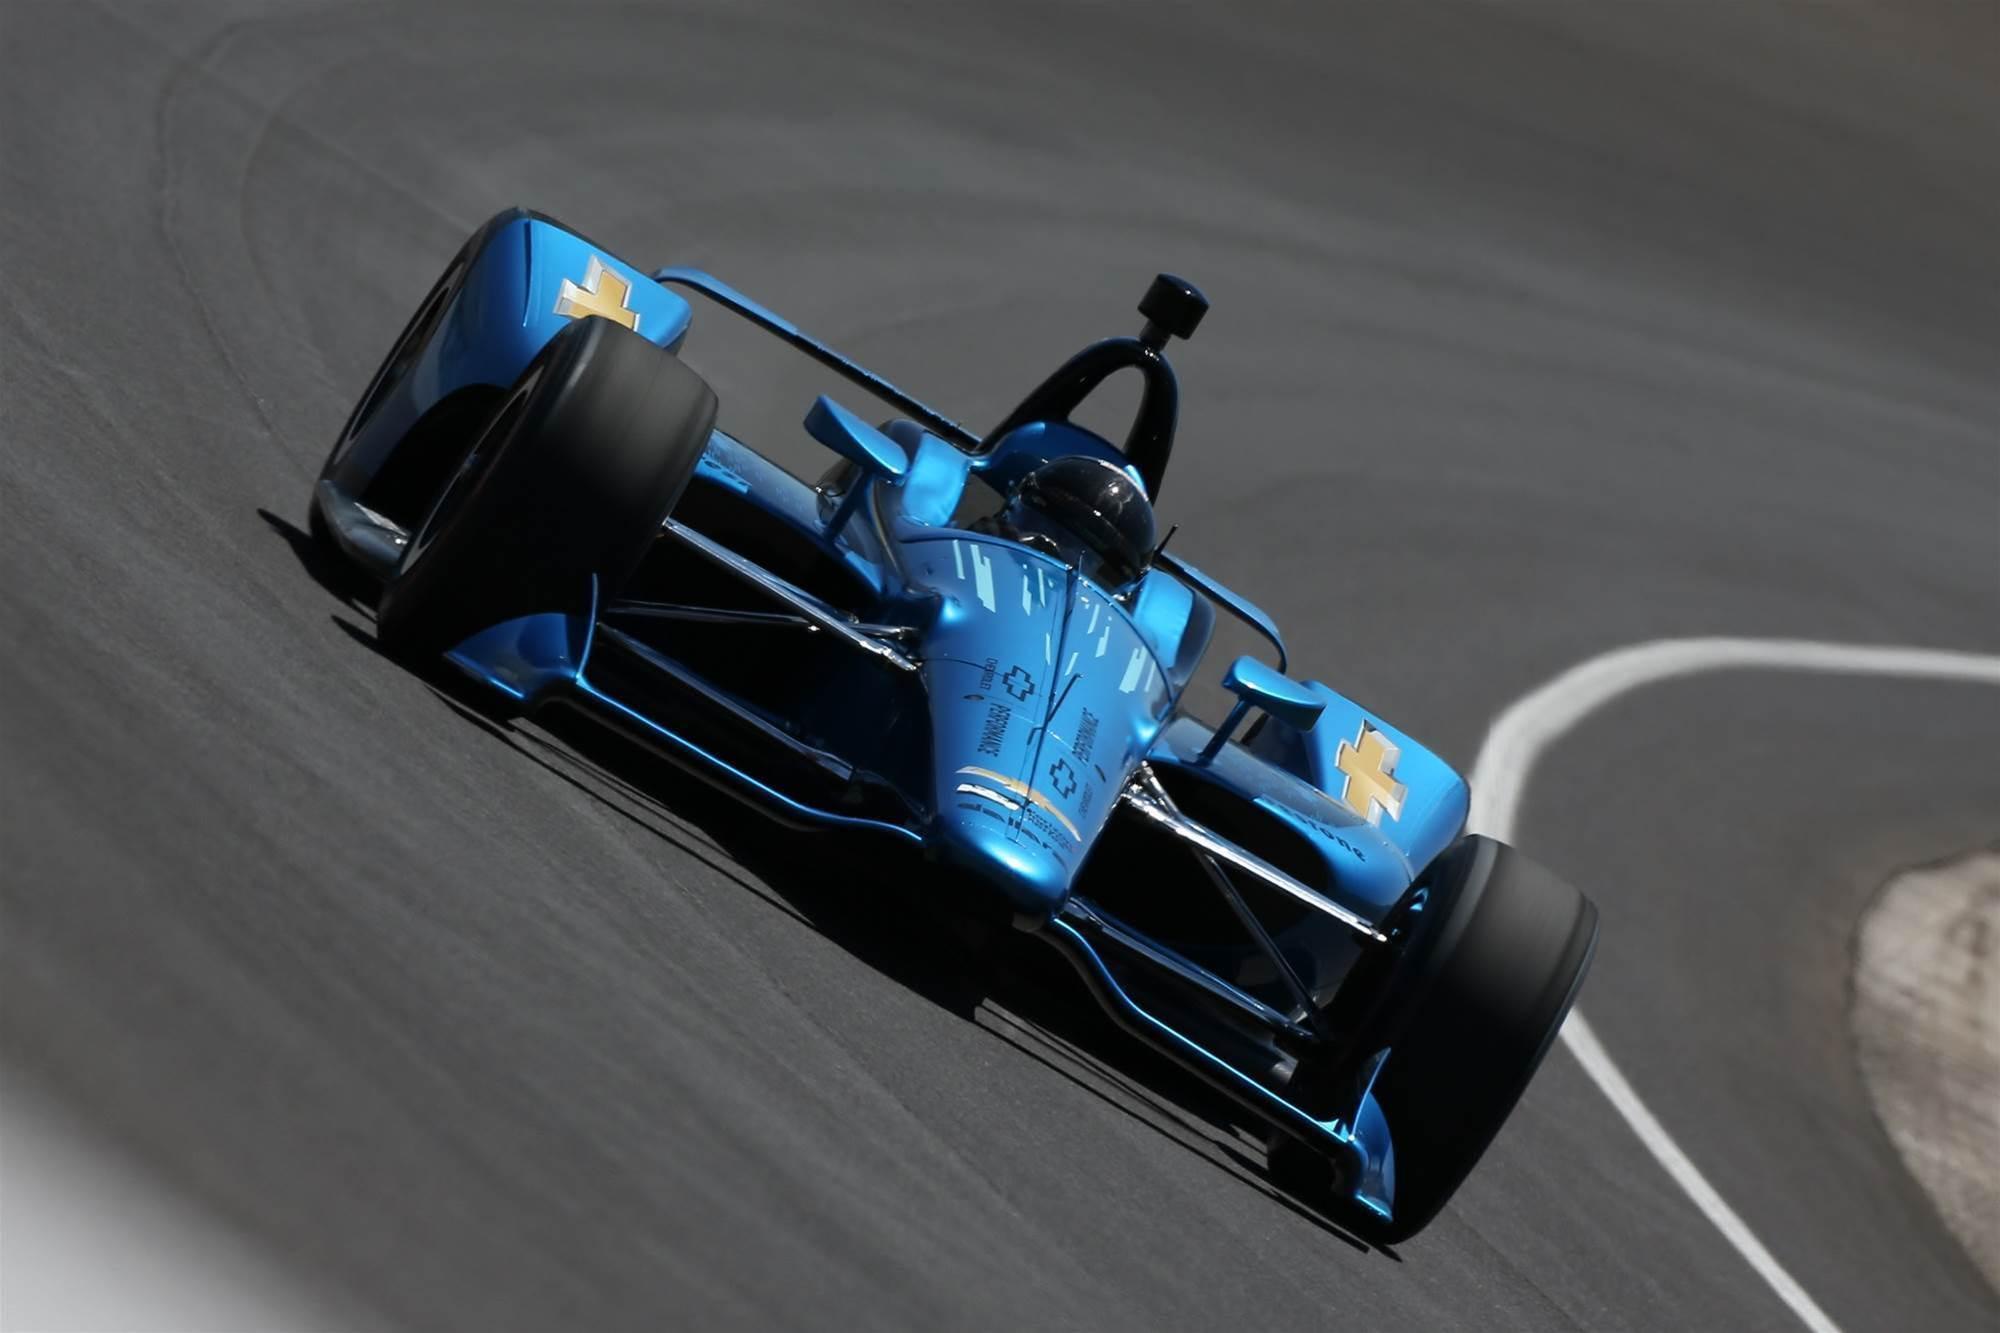 Indycar tests 2018 aero kit